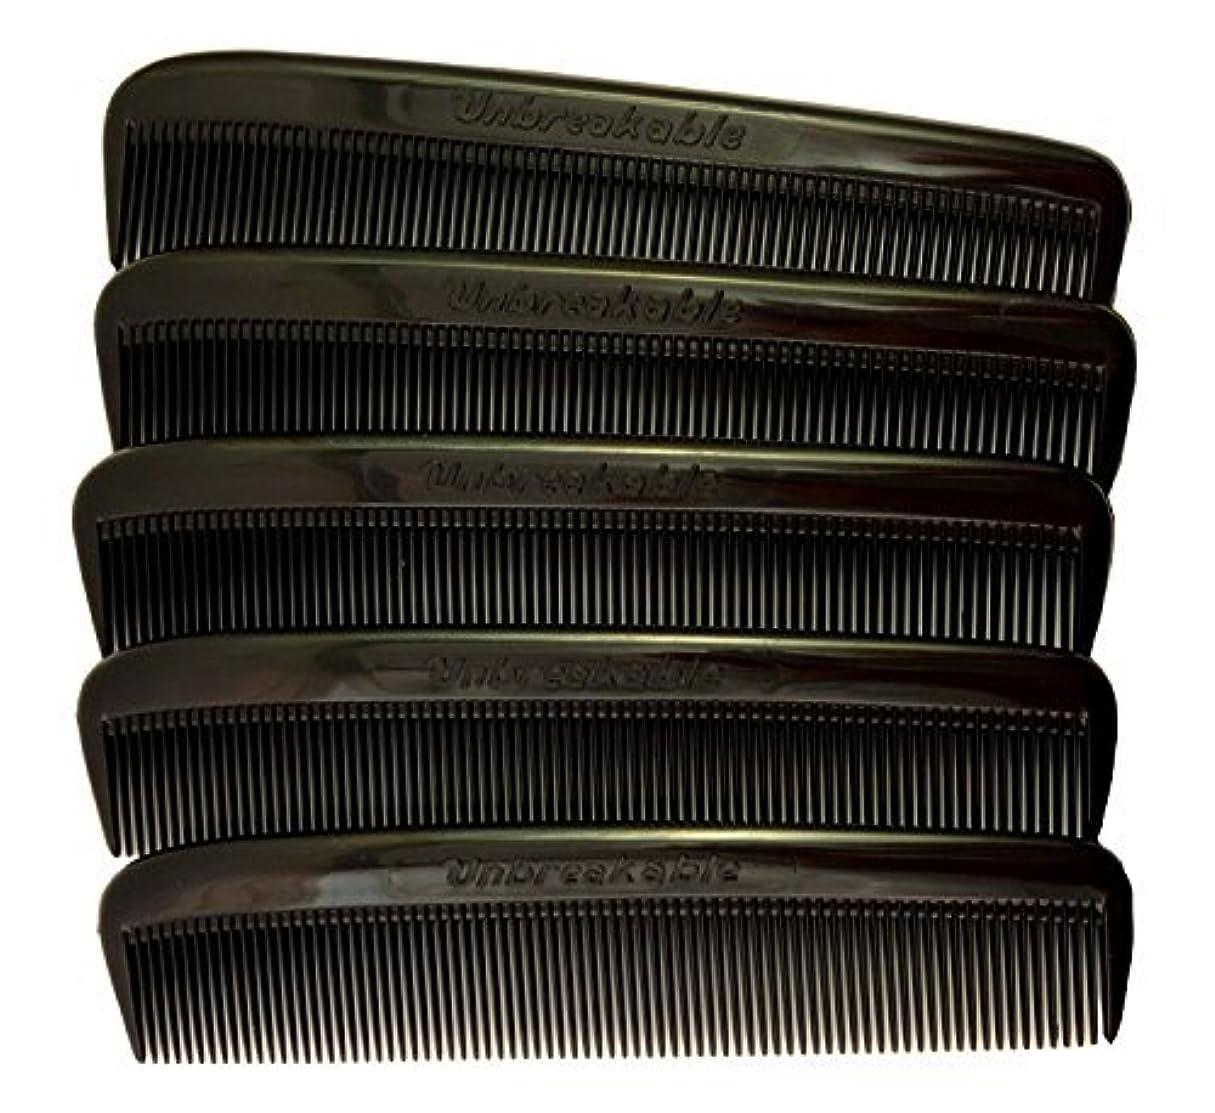 スプーン控える神経衰弱Set of 25 Clipper-mate Pocket Combs 5